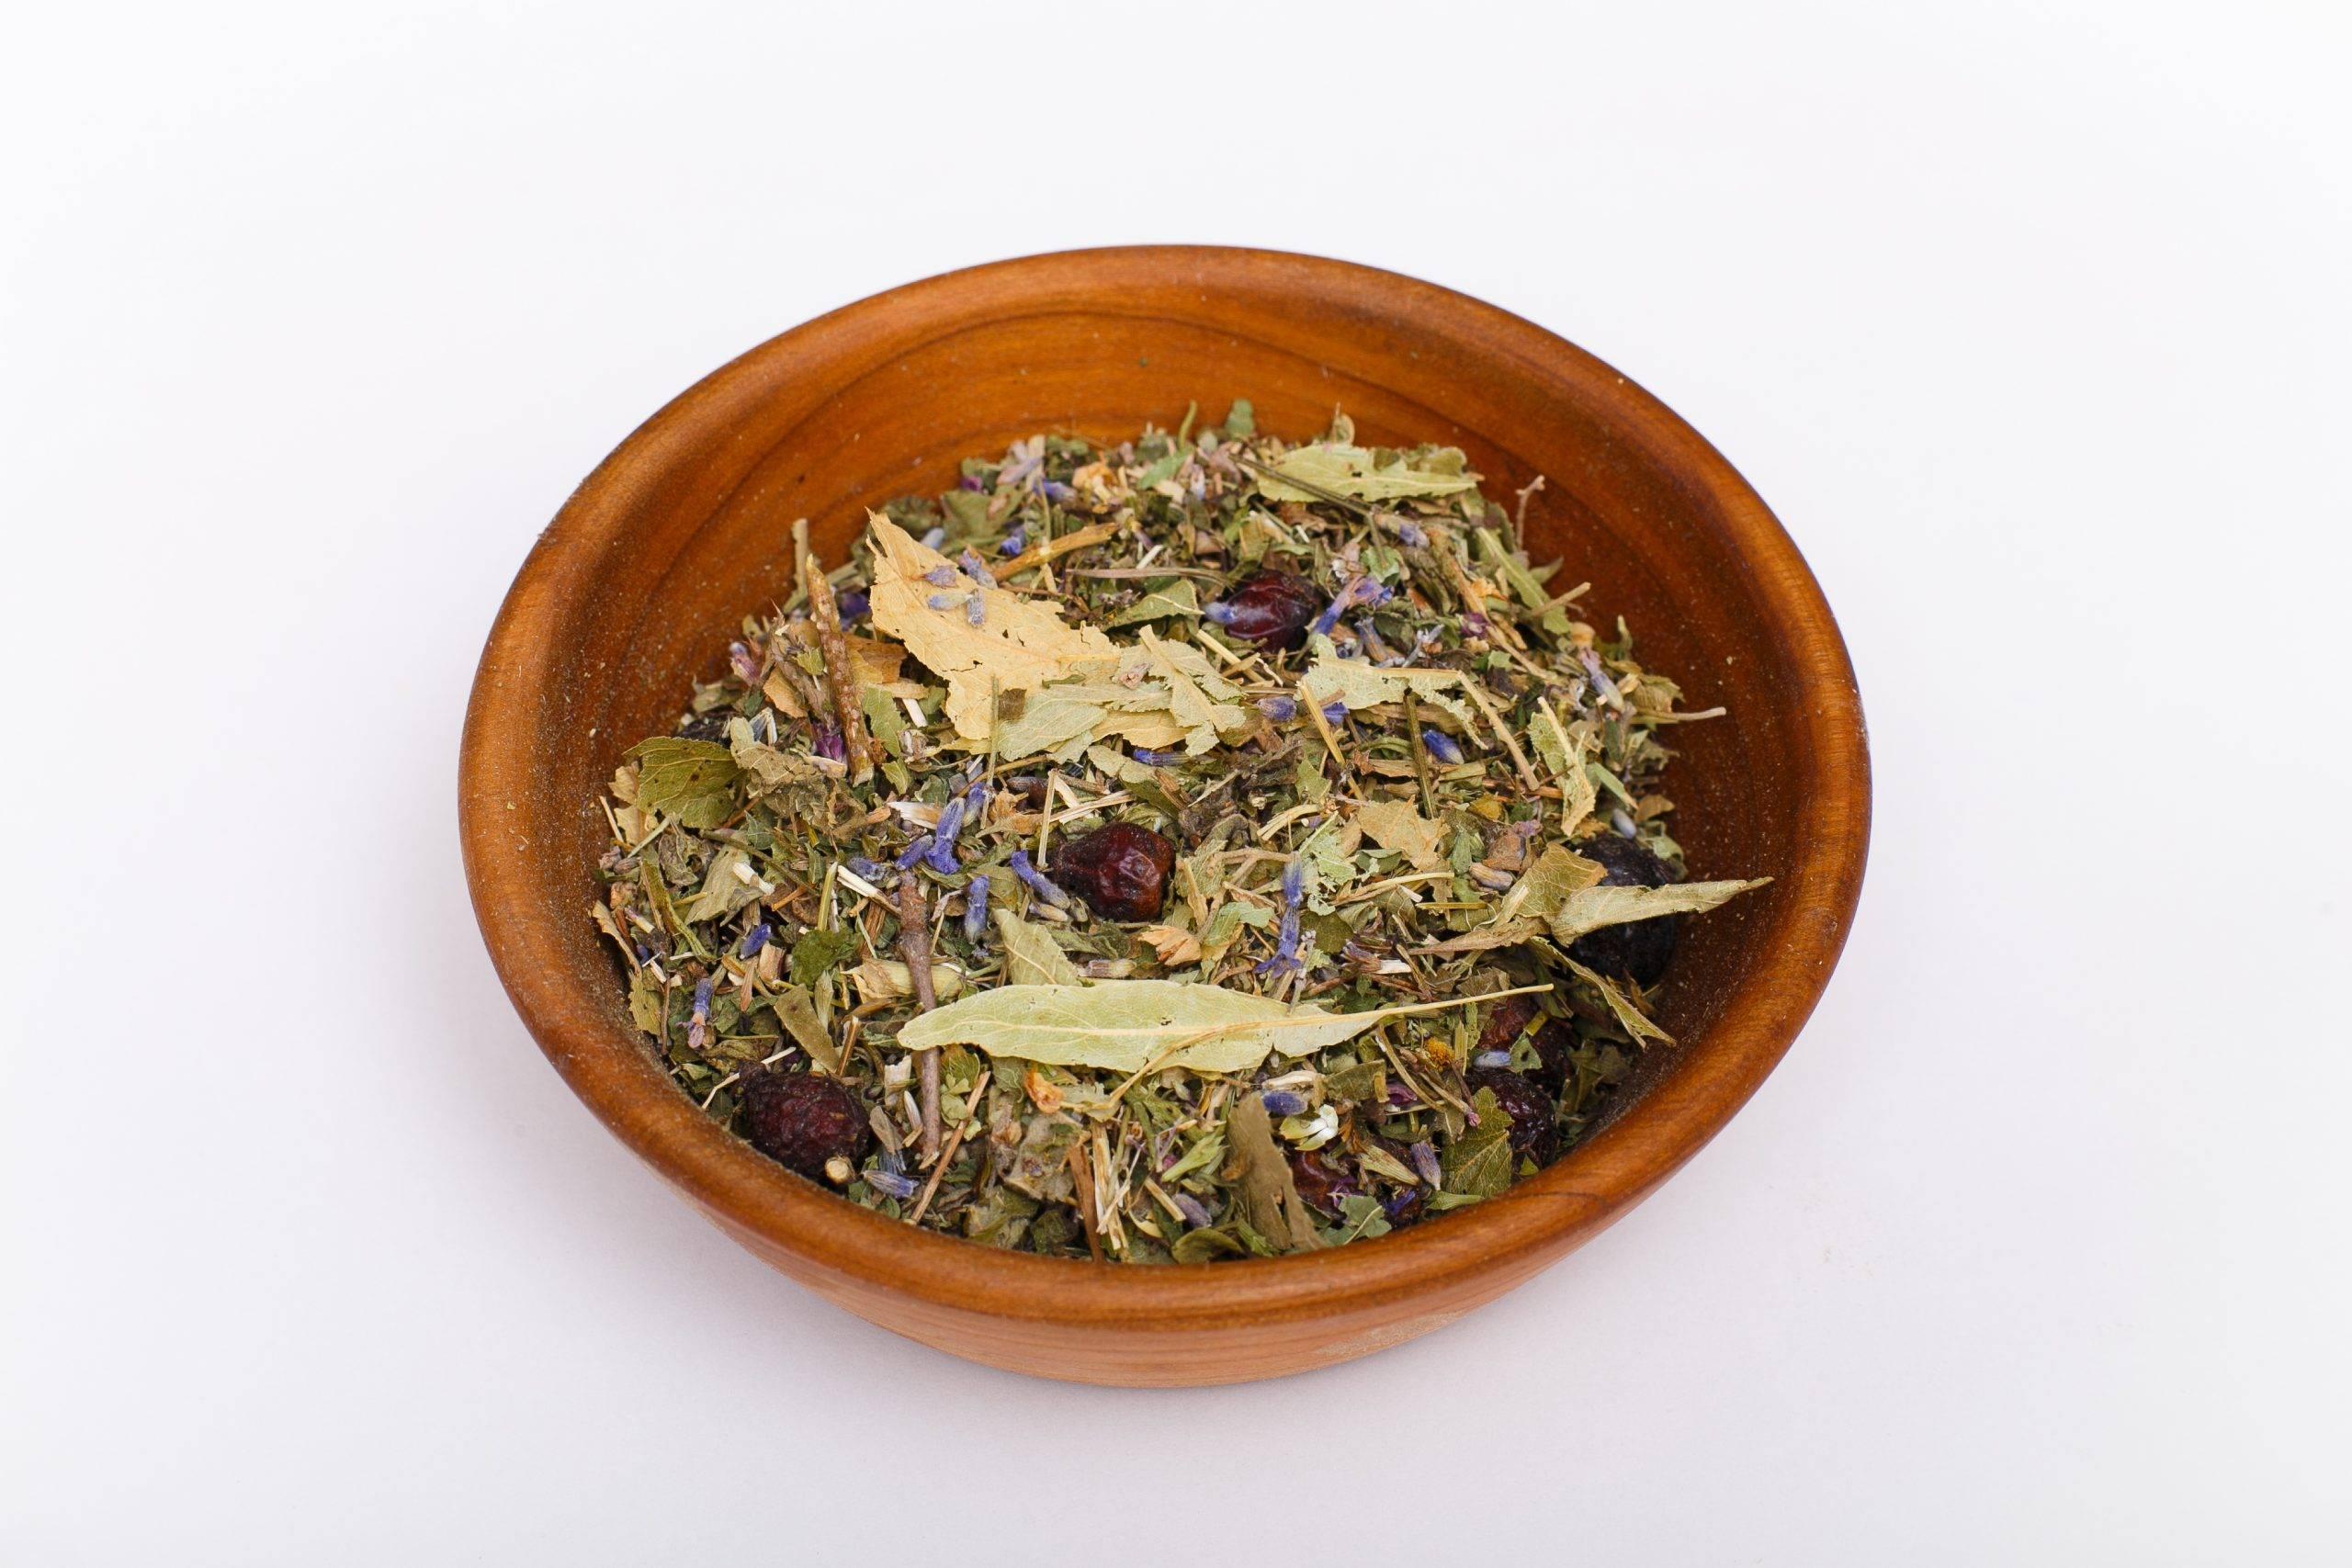 Чай при лечение кашля